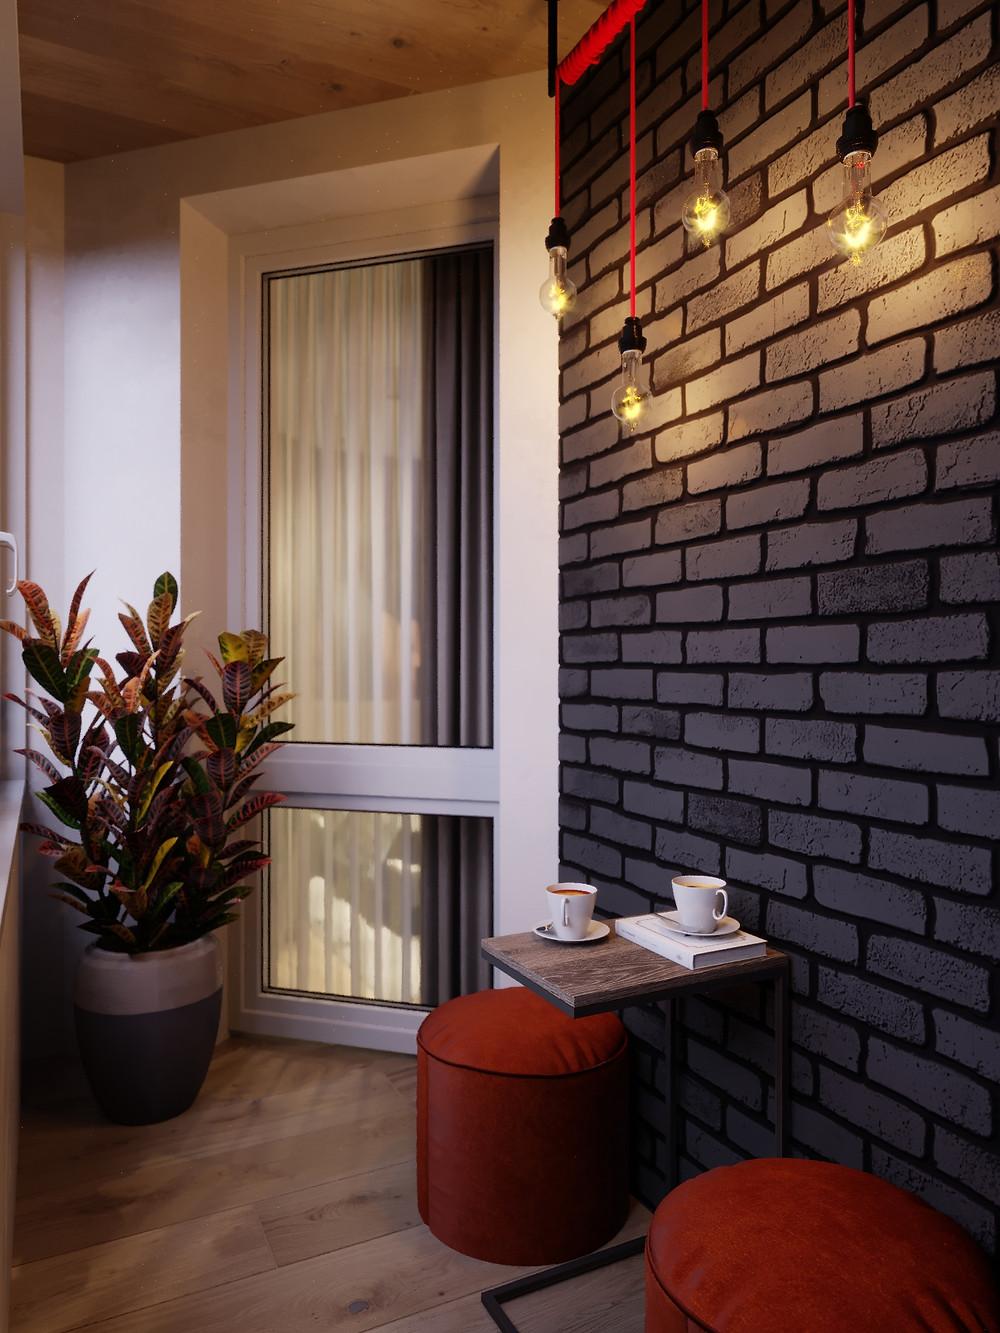 реалистичная кирпичная стена в стиле Лофт